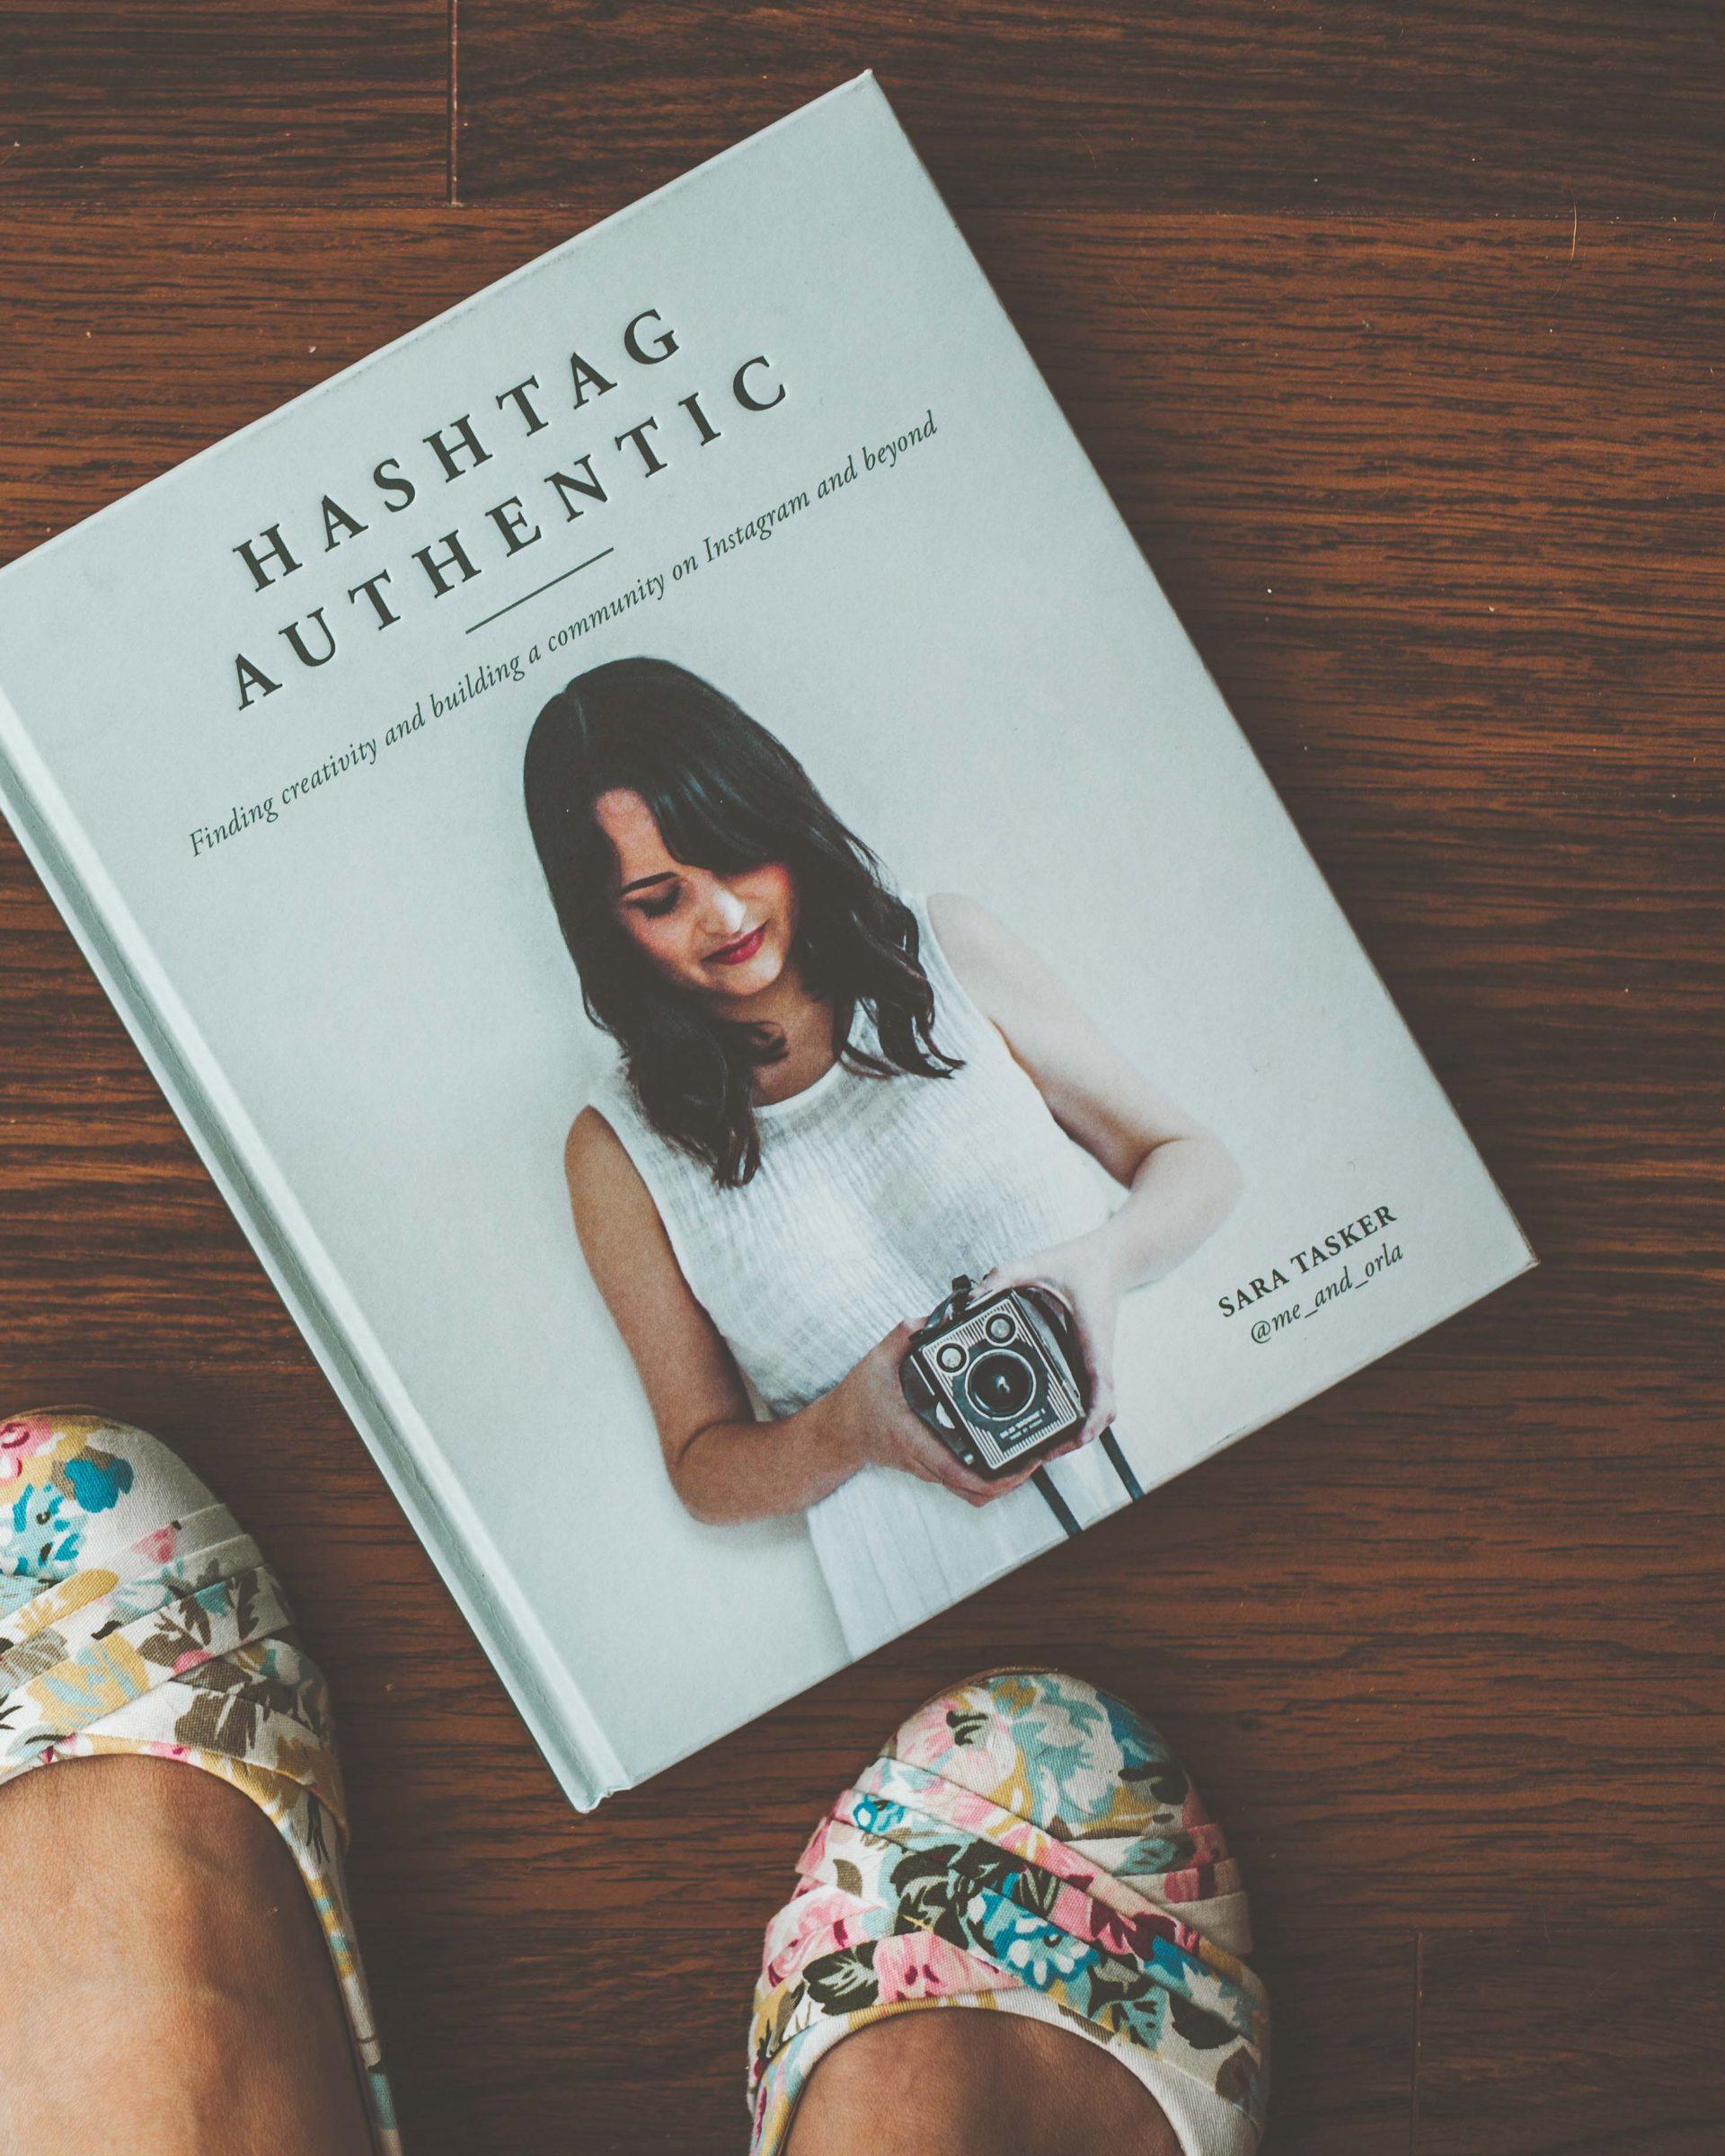 Lea este libro si usted quiere impresionar en el Instagram. De verdad.